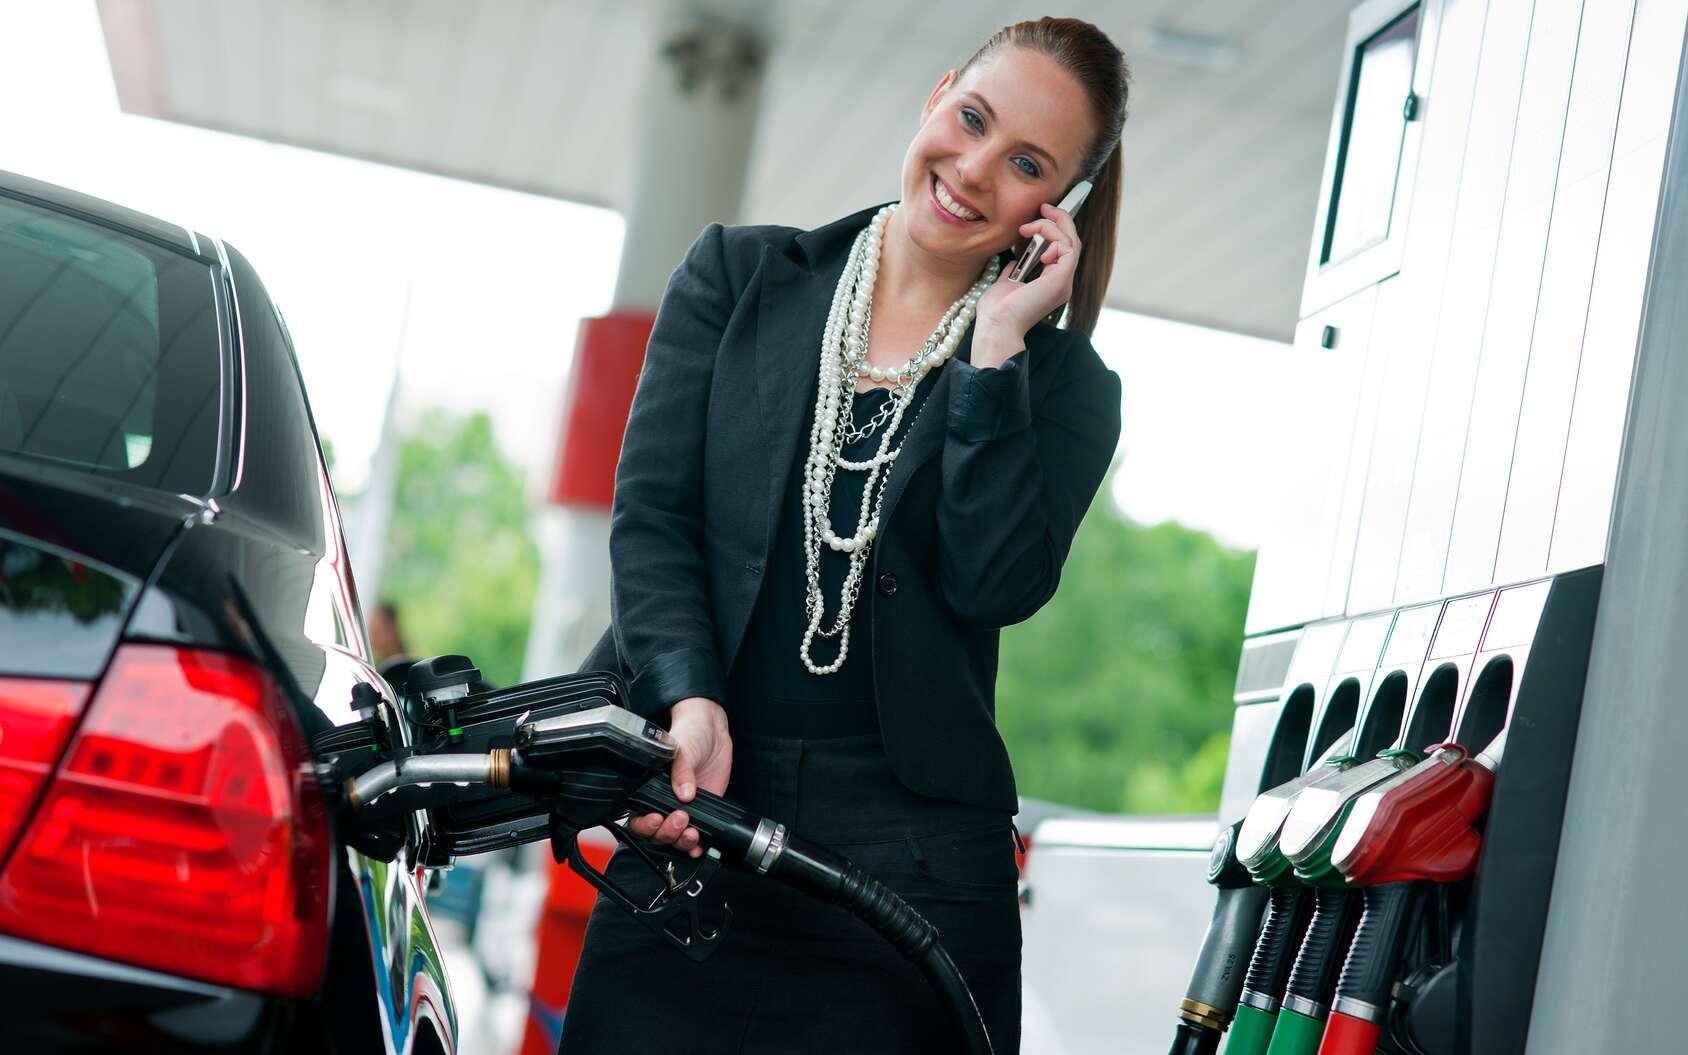 Dans les stations-services, l'usage du téléphone portable est déconseillé et il est interdit de fumer. © bertys30, fotolia